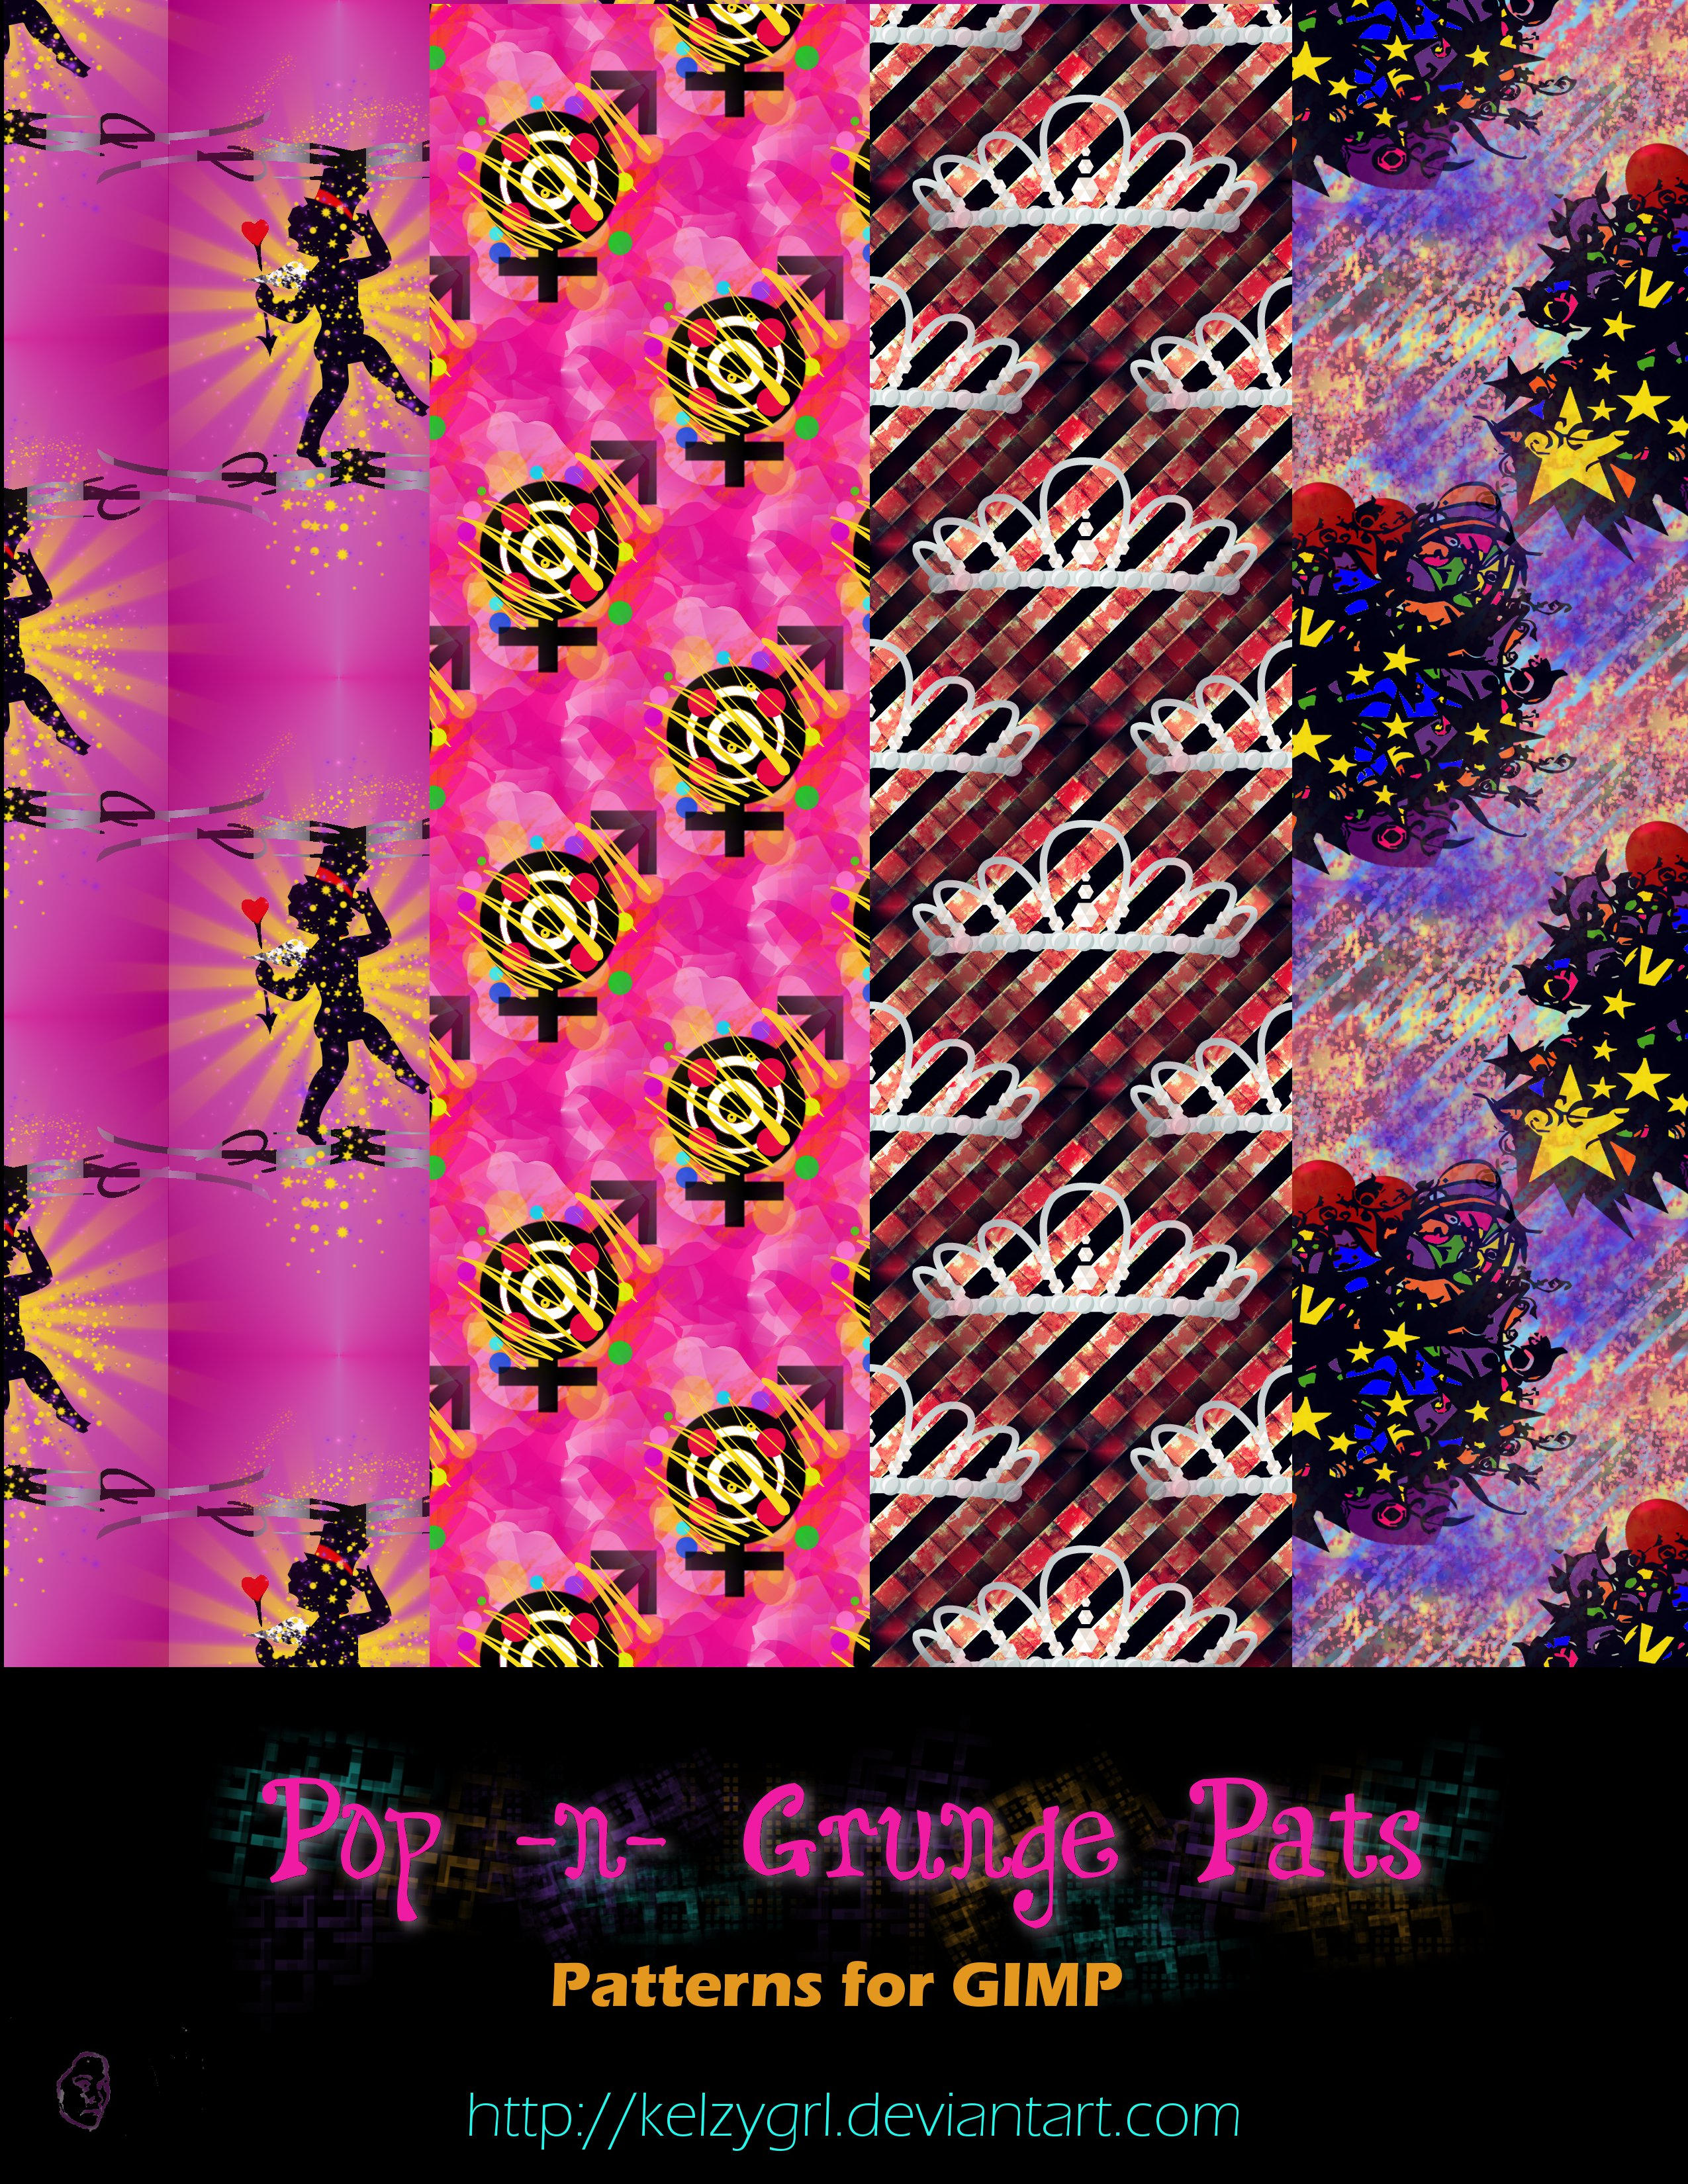 Pop -n-  Grunge Pats by kelzygrl